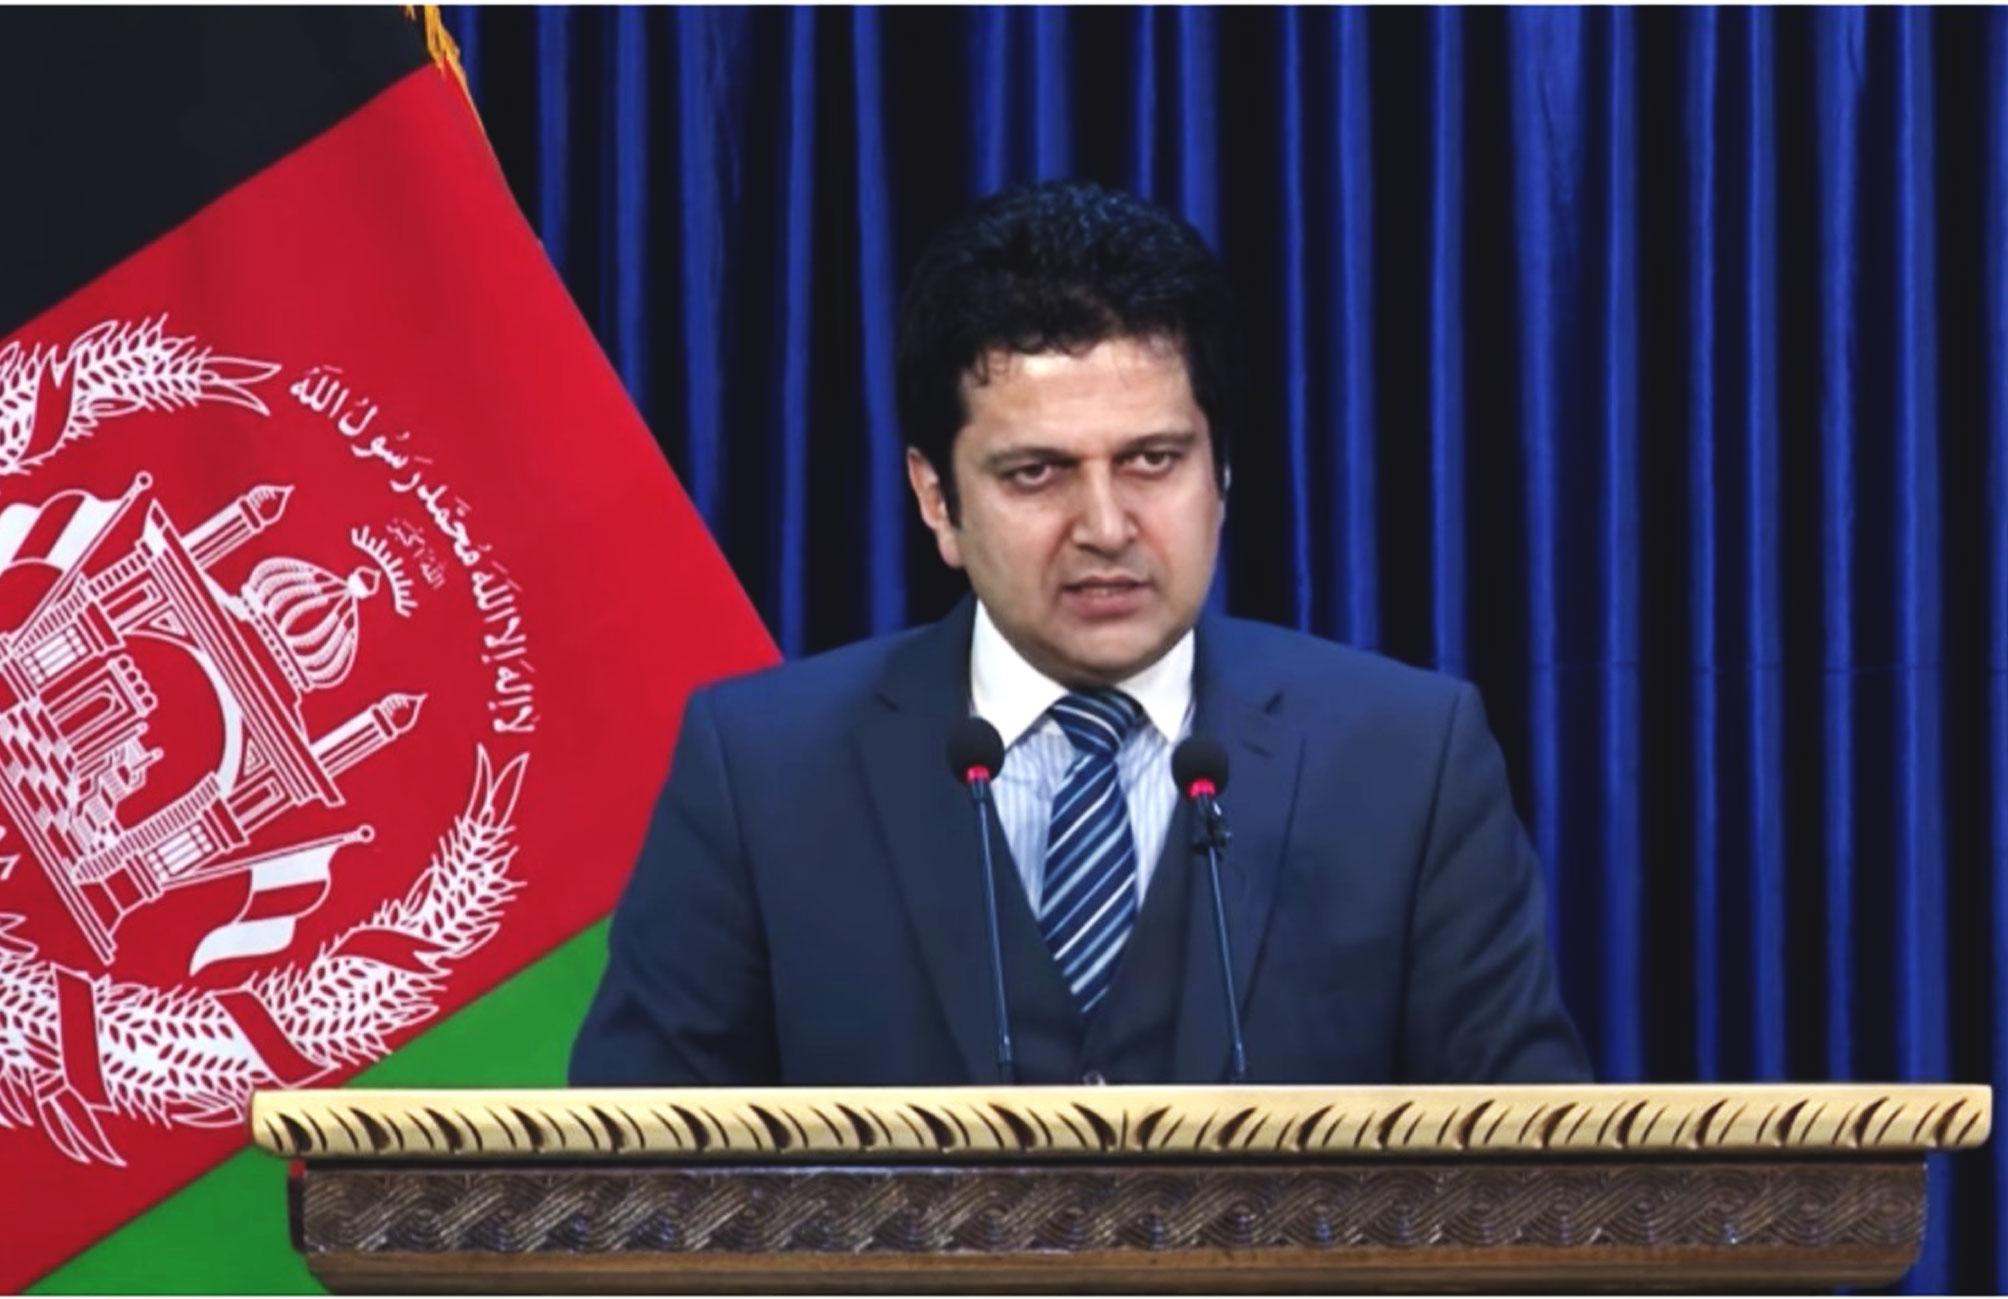 نشست خبری (۲) دکتر مجیب الرحمن رحیمی سخنگوی ریاست اجراییه